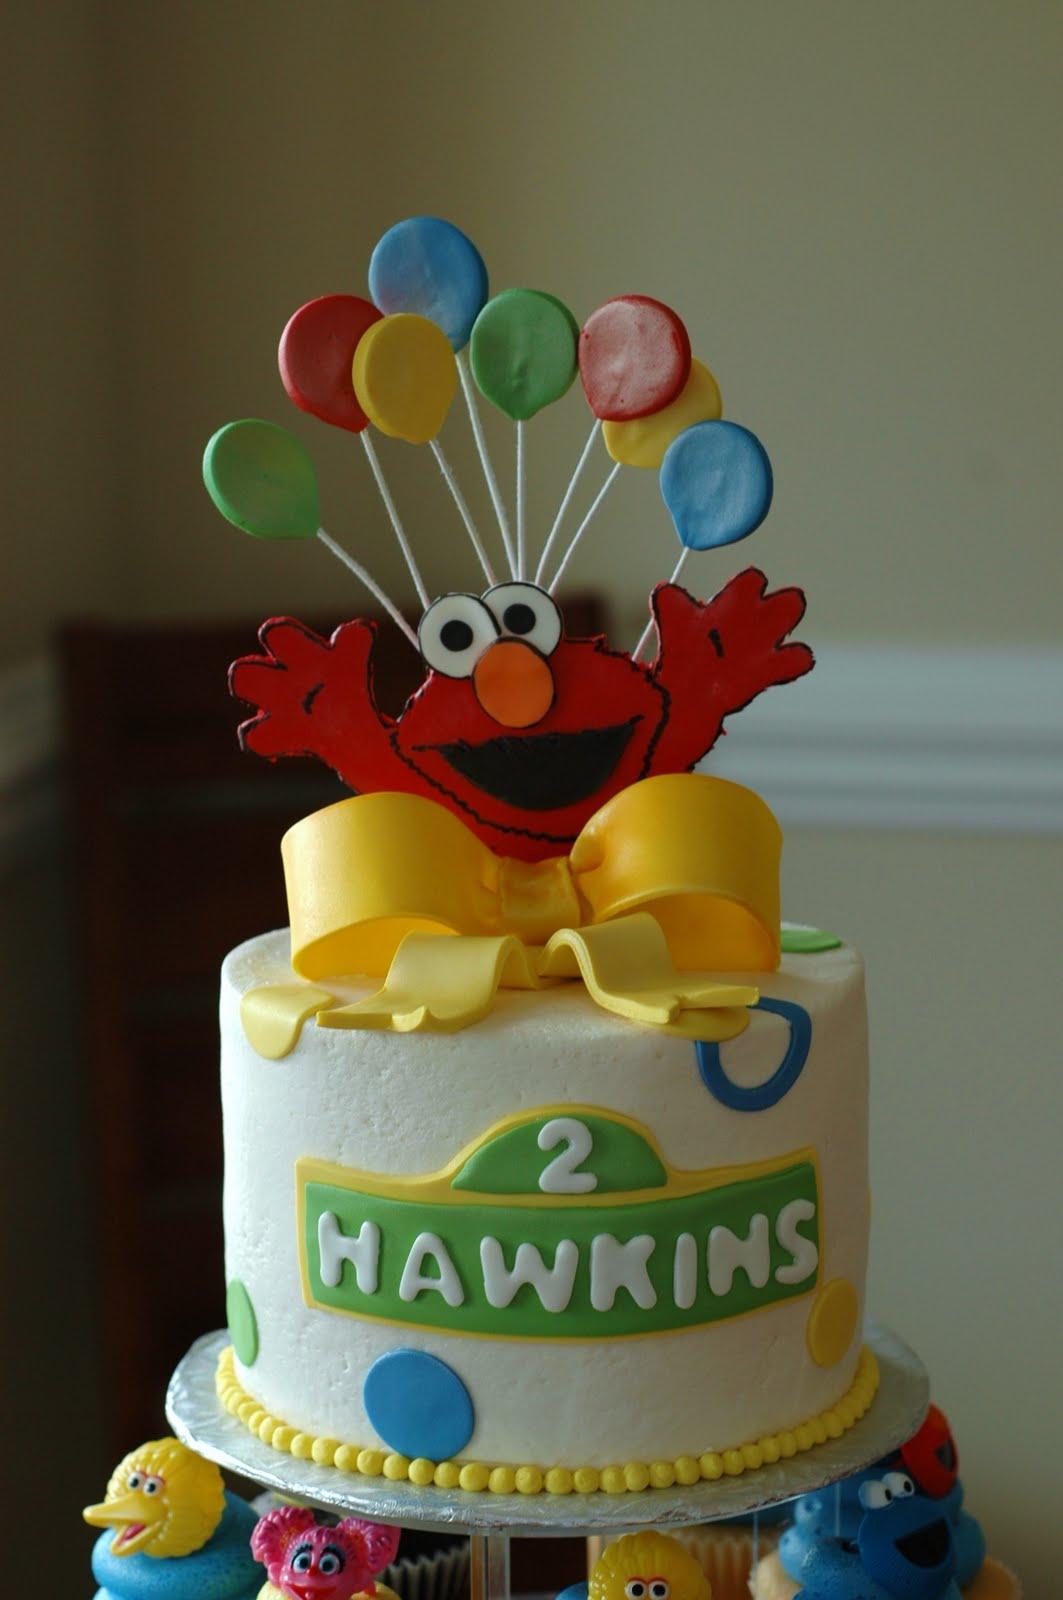 Elmo Cake Design Ideas : Elmo Cakes   Decoration Ideas Little Birthday Cakes